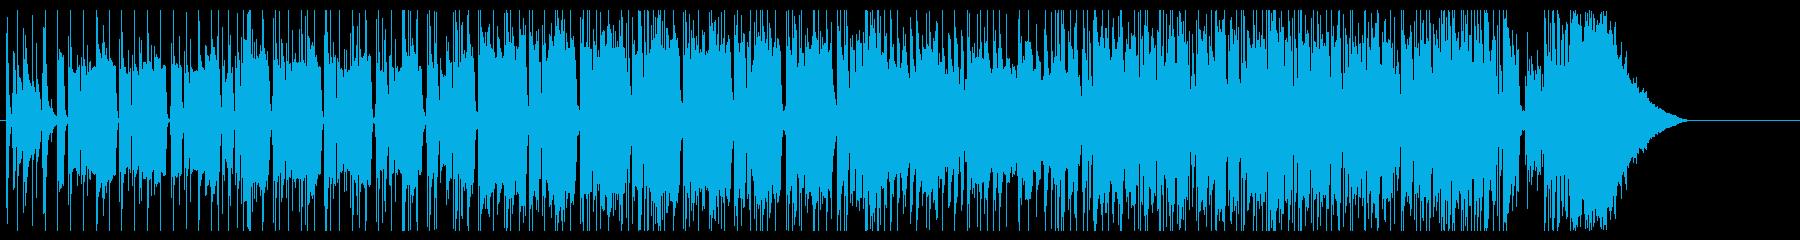 16ビートシャッフルのファンキーインストの再生済みの波形